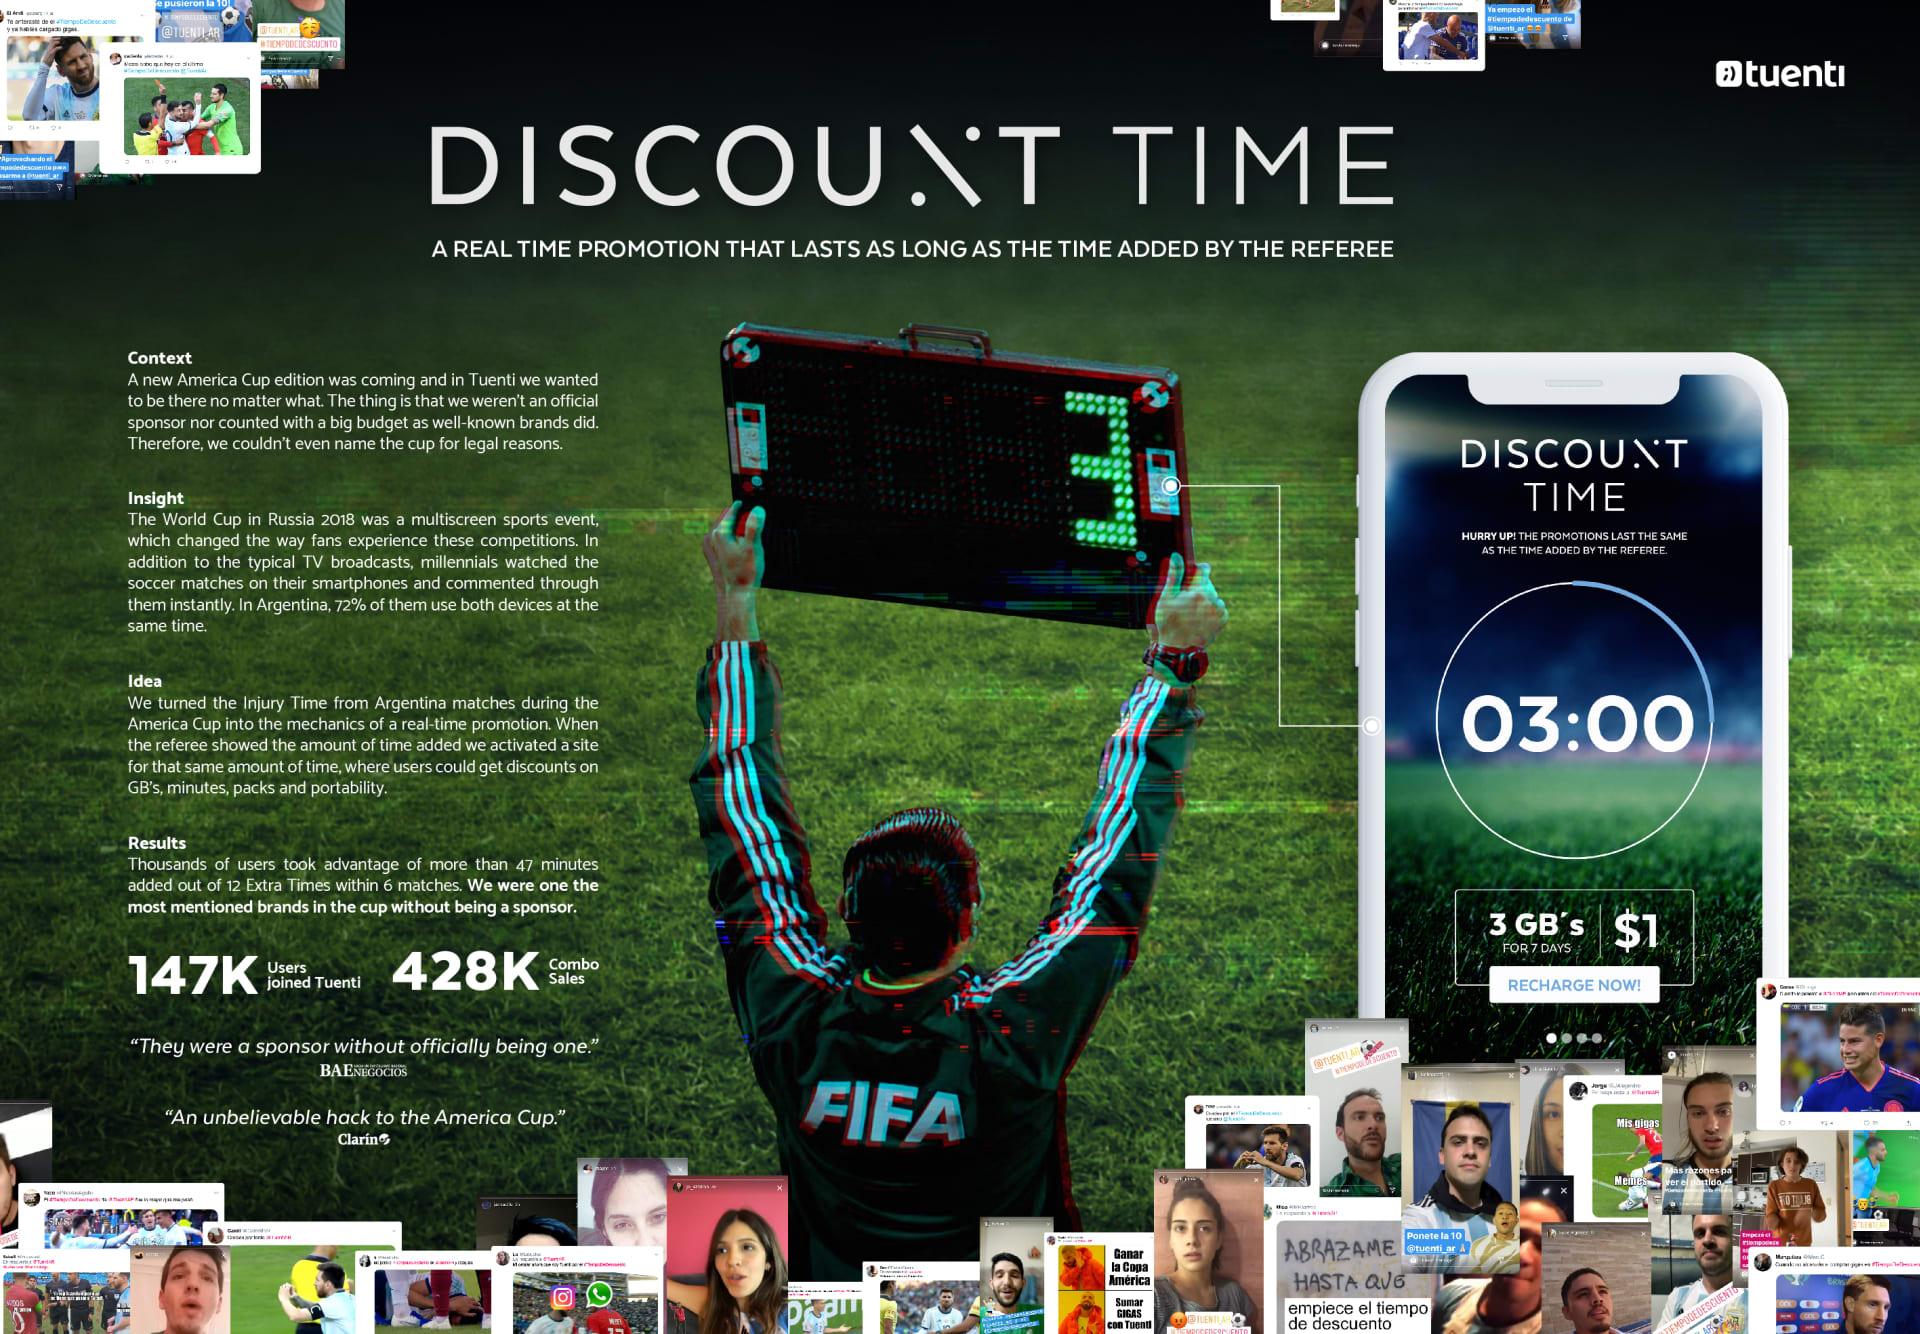 Tuenti Discount Time Board